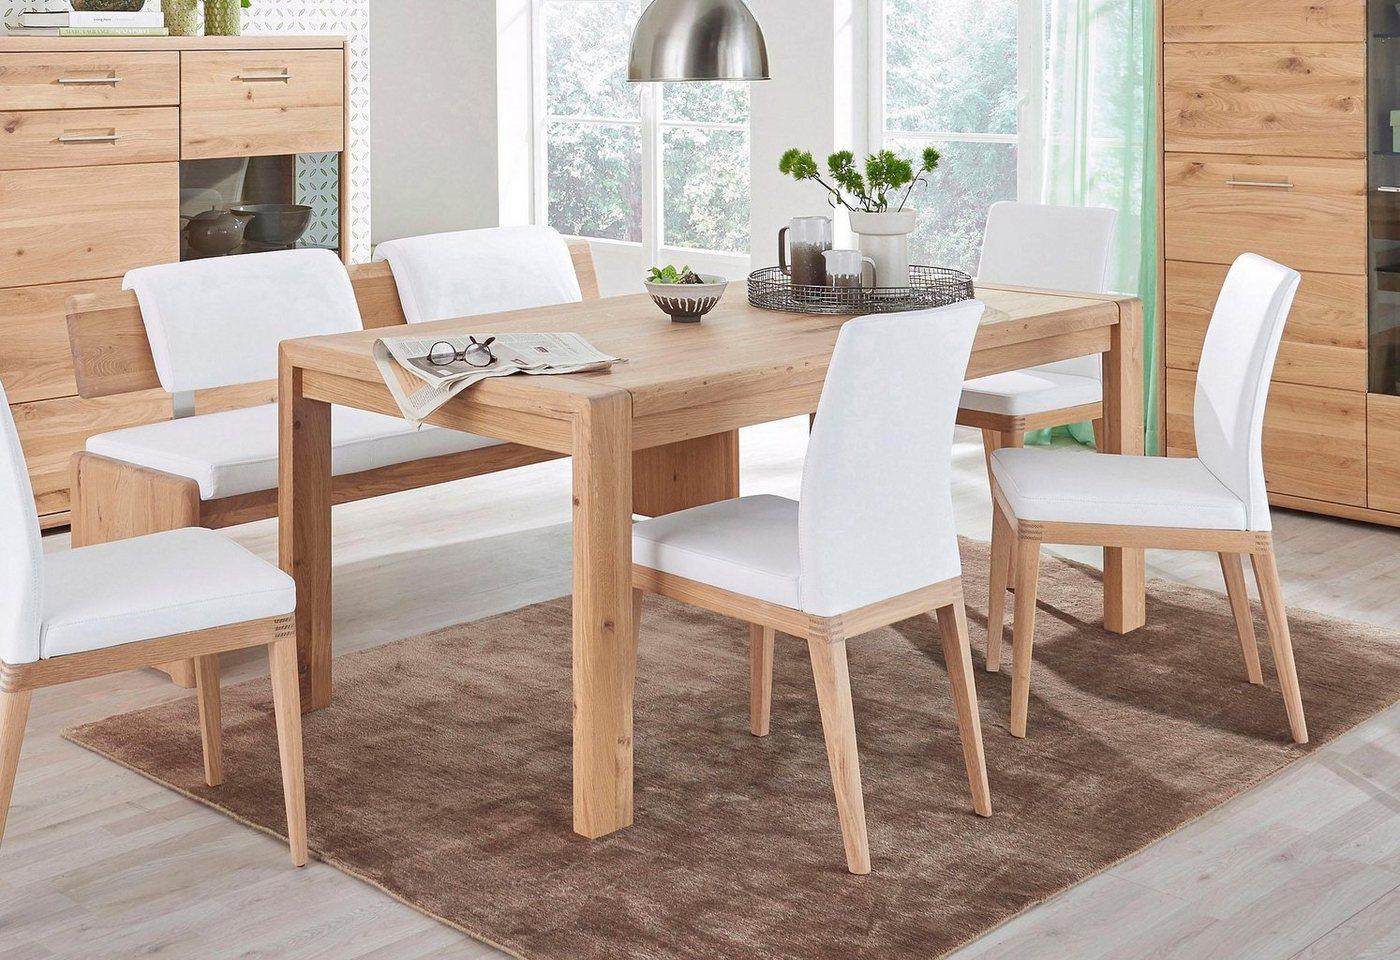 massivraum® Esstisch »DERVIO« aus Massivholz, Breite 180 cm, Wildeiche, mit Auszugsfunktion